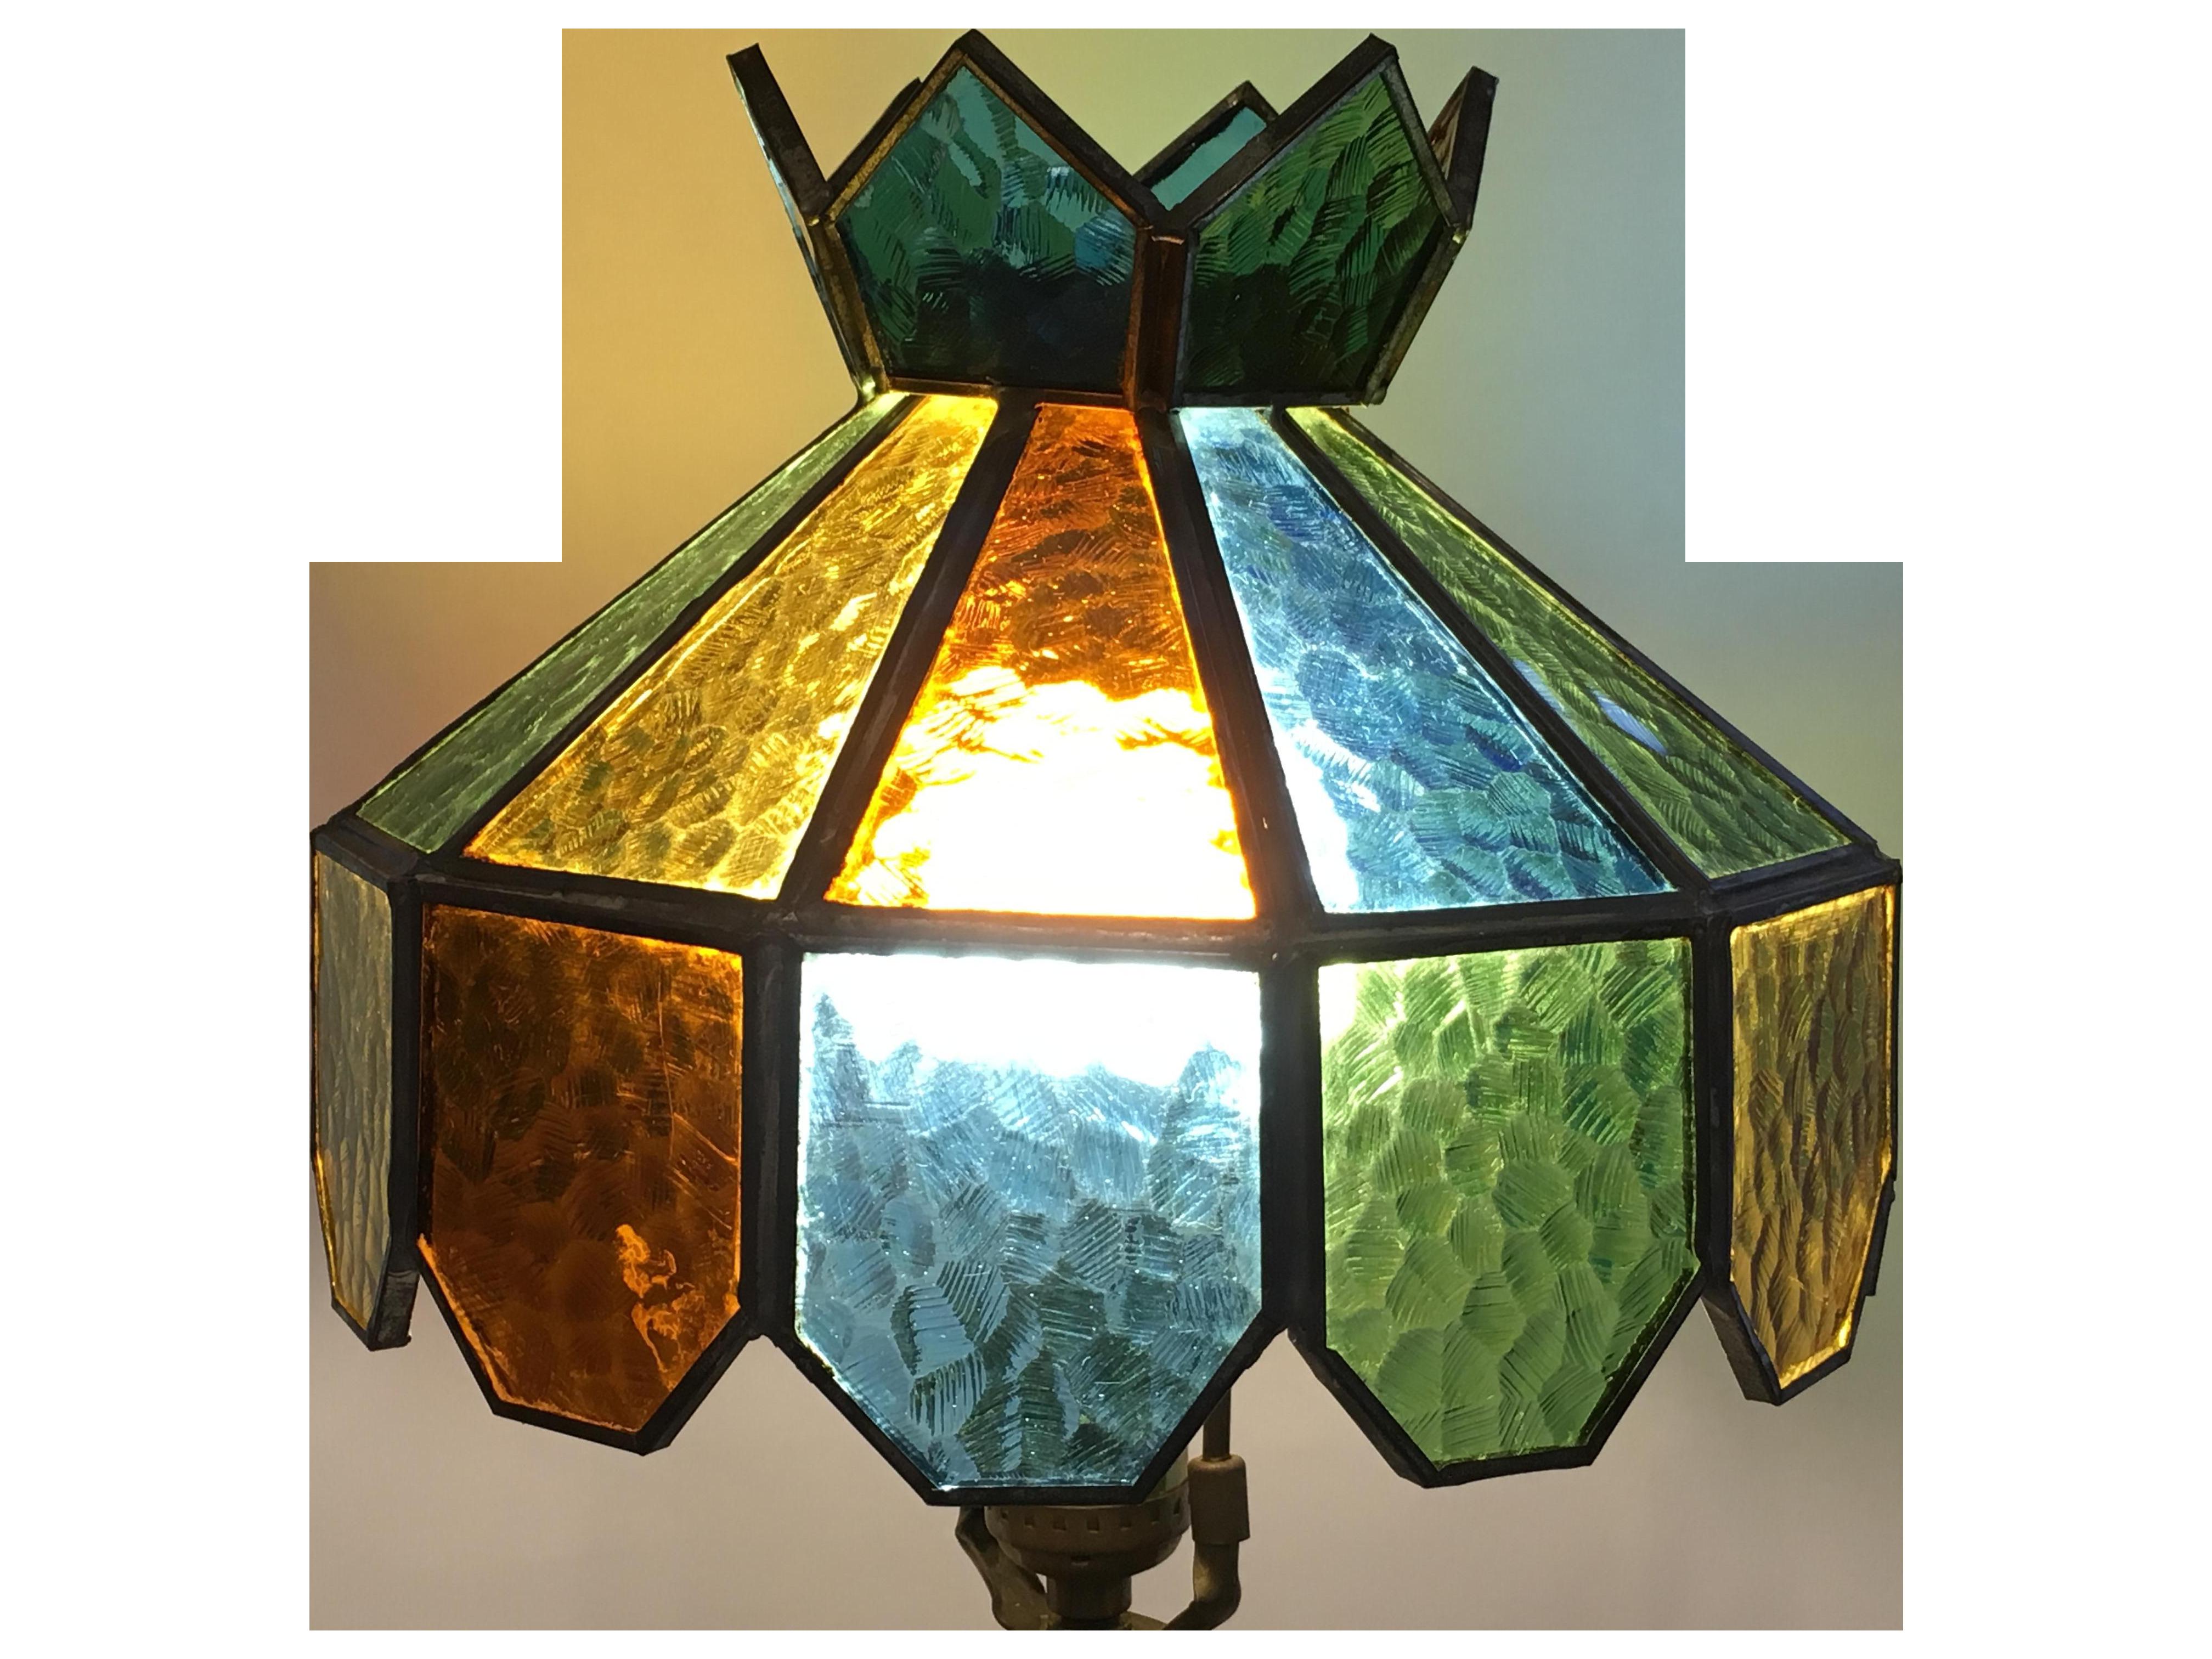 colored glass lighting. Colored Glass Lighting. Lighting E H